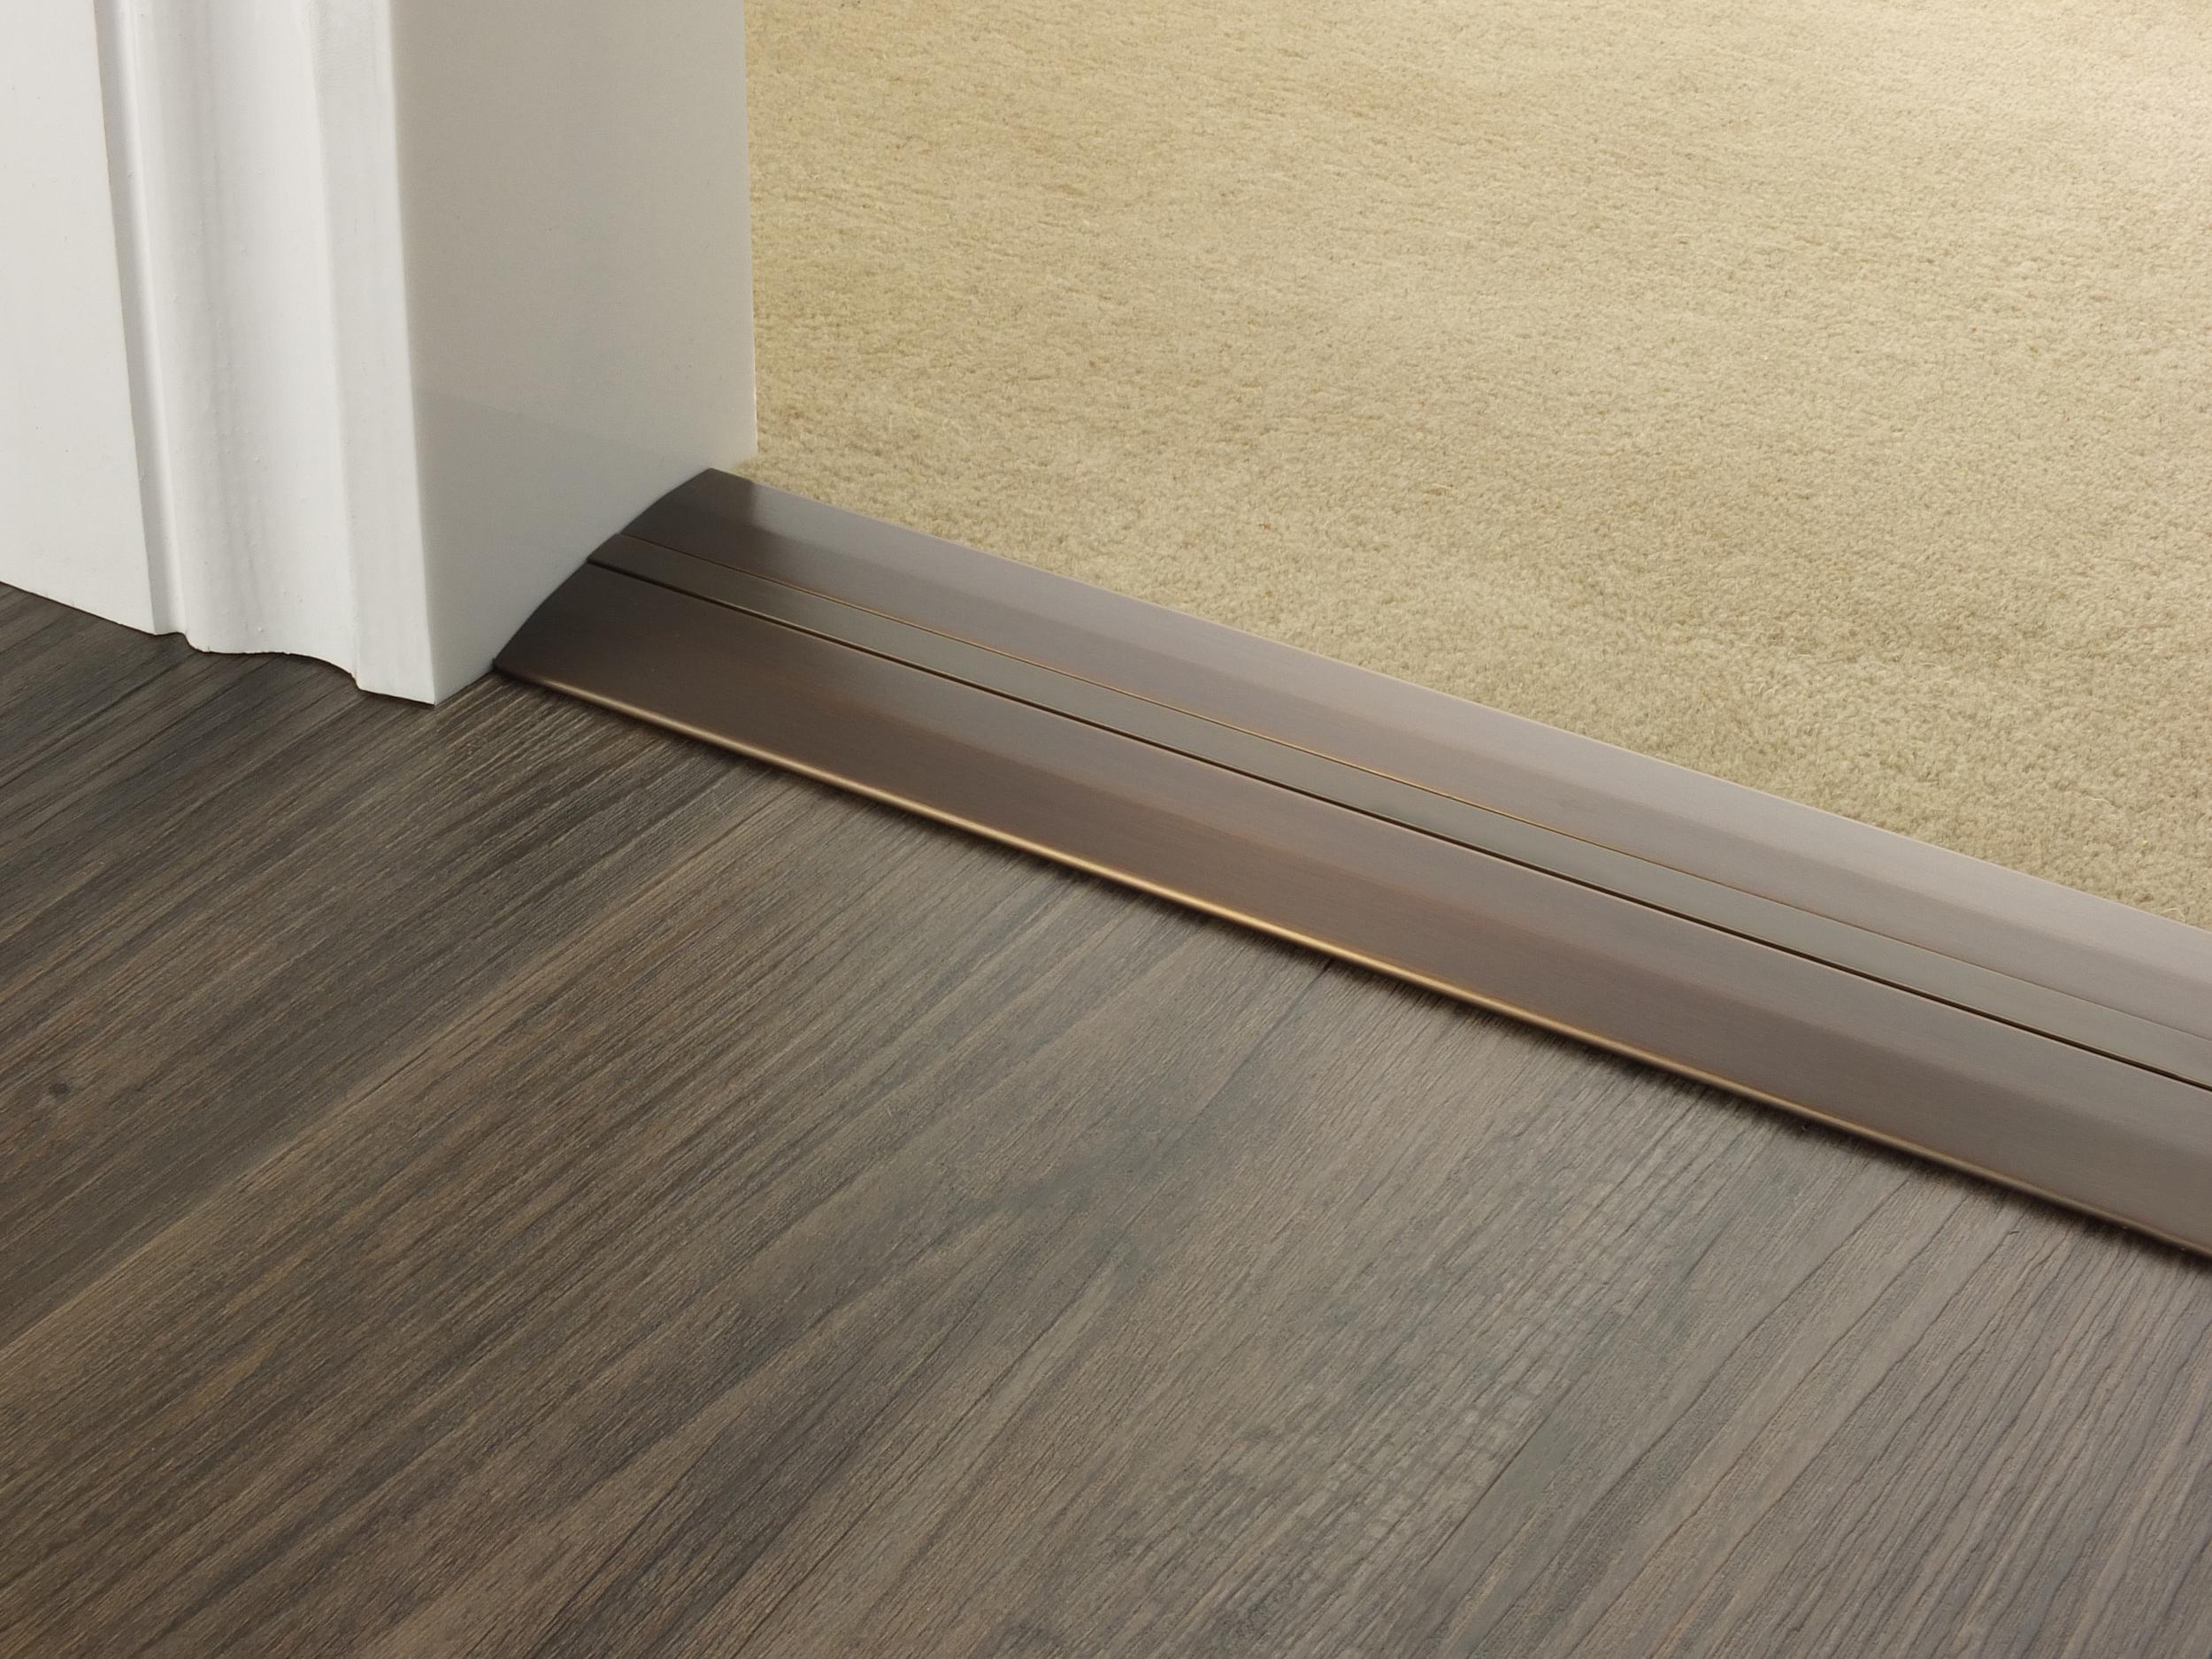 door_bar_antique_bronze_posh_55_Carpet.jpg